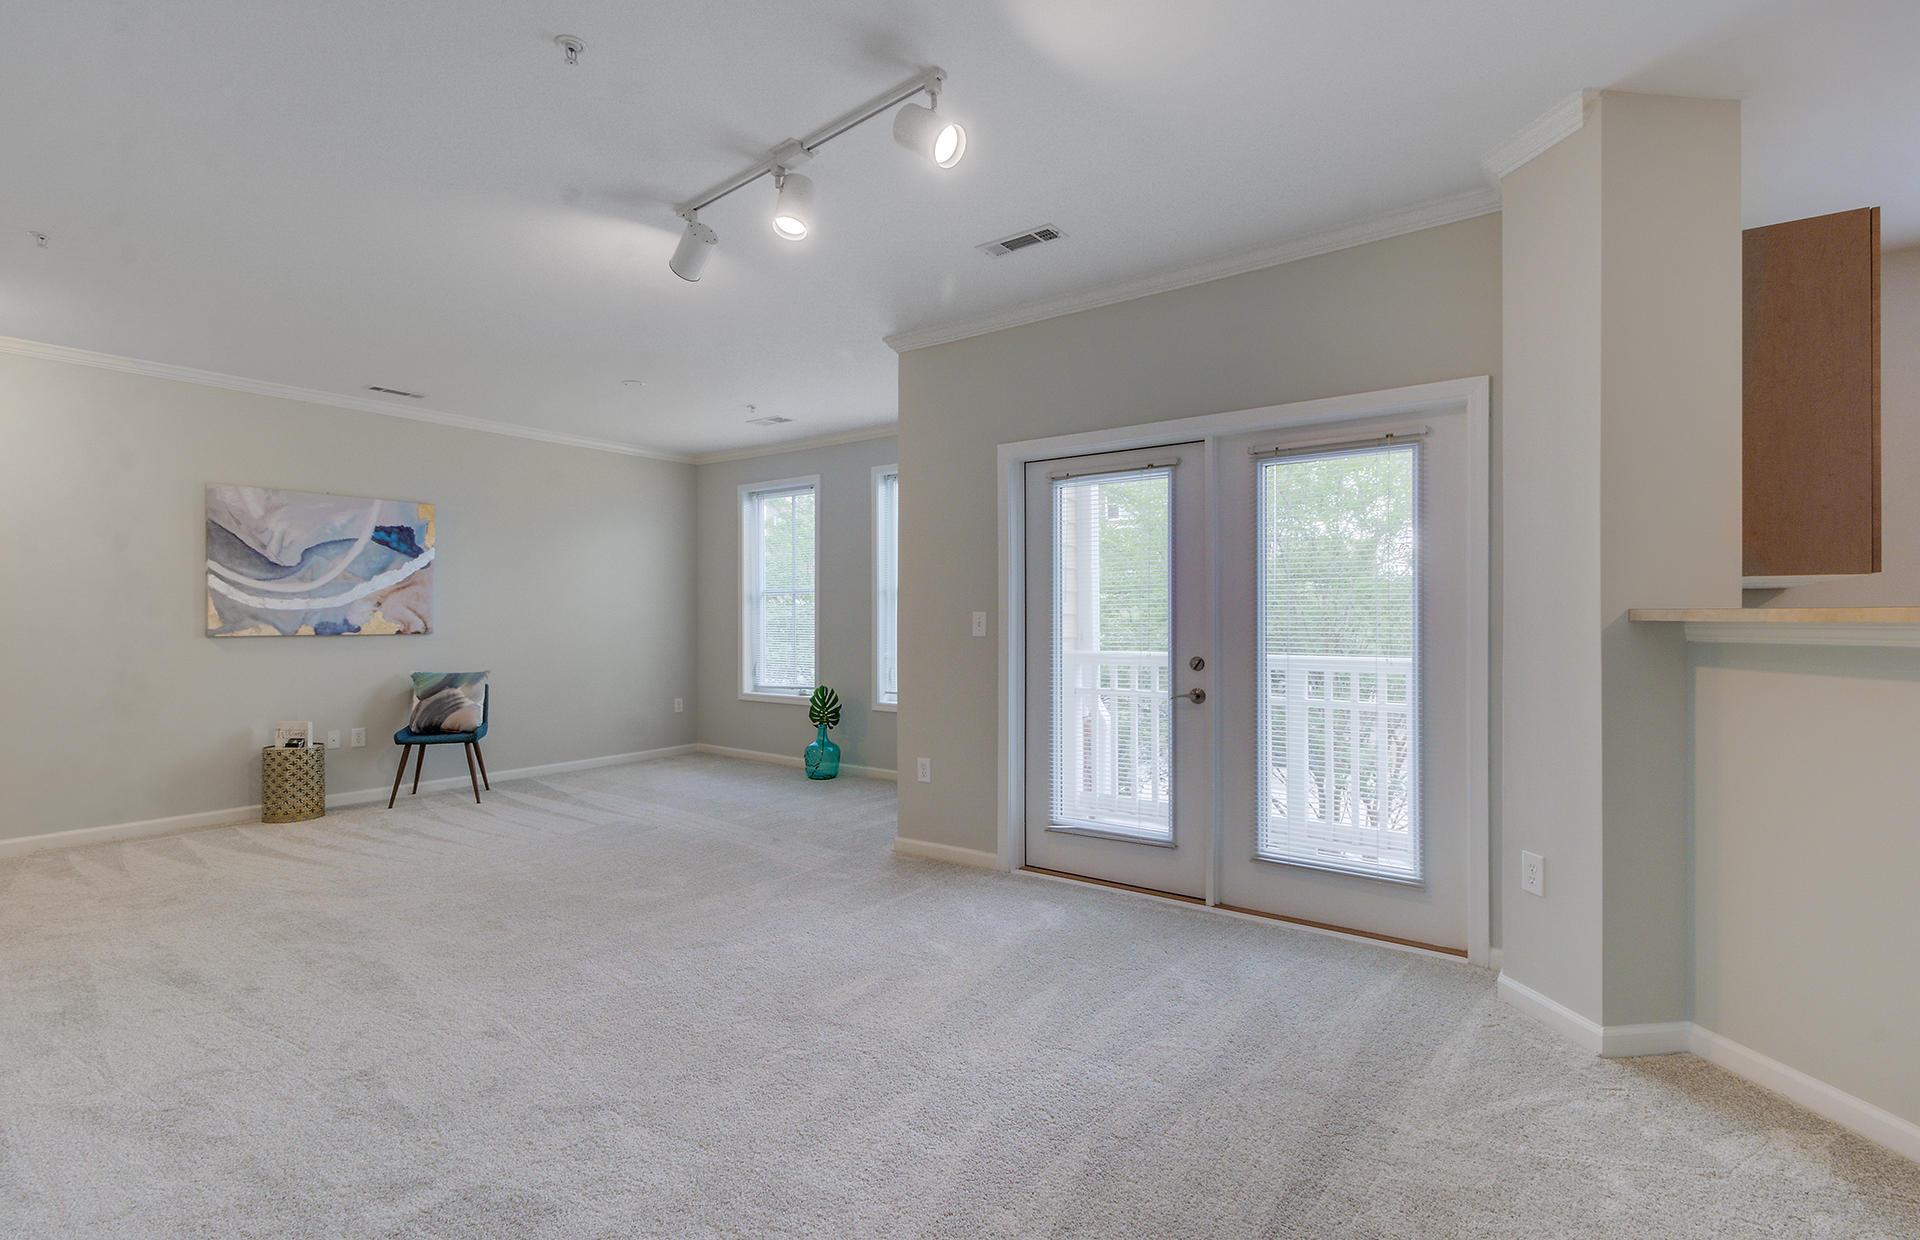 254 Seven Farms Drive Homes For Sale - 260 Seven Farms, Charleston, SC - 17